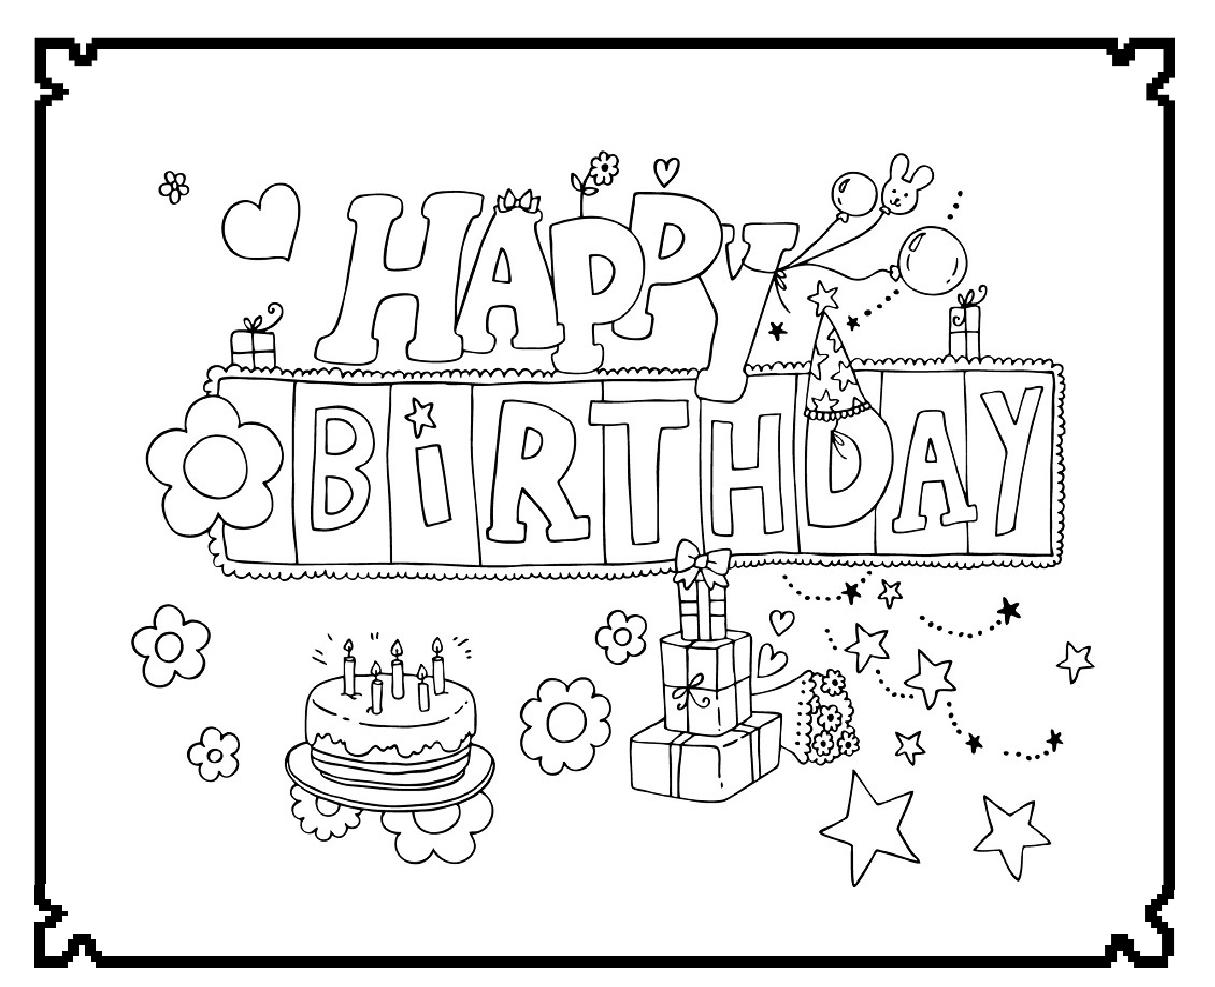 Happy Birthday Geburtstag Malvorlagen Happy Birthday Schriftzug Alles Gute Zum Geburtstag Karten